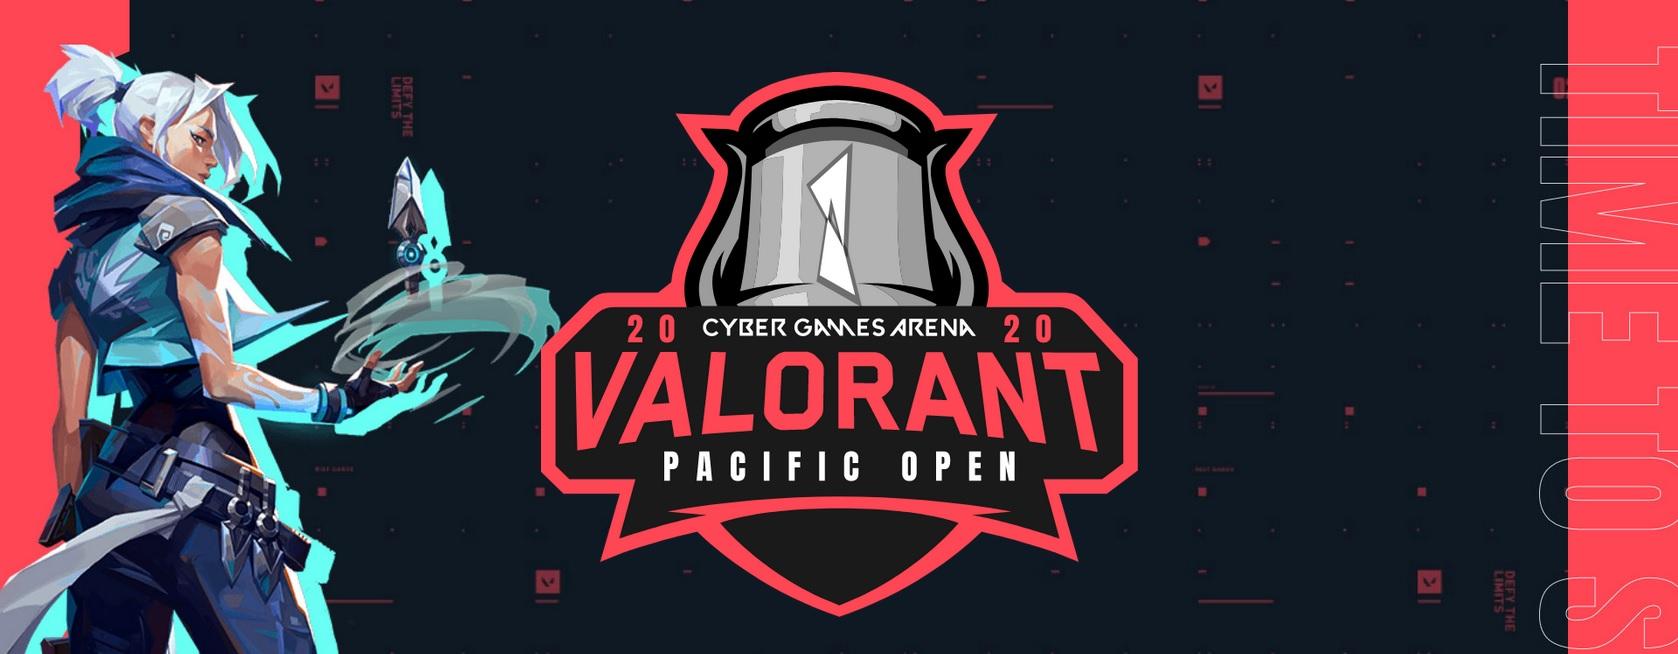 Kejohanan Valorant Pacific Open diumumkan, terbuka kepada pemain Malaysia